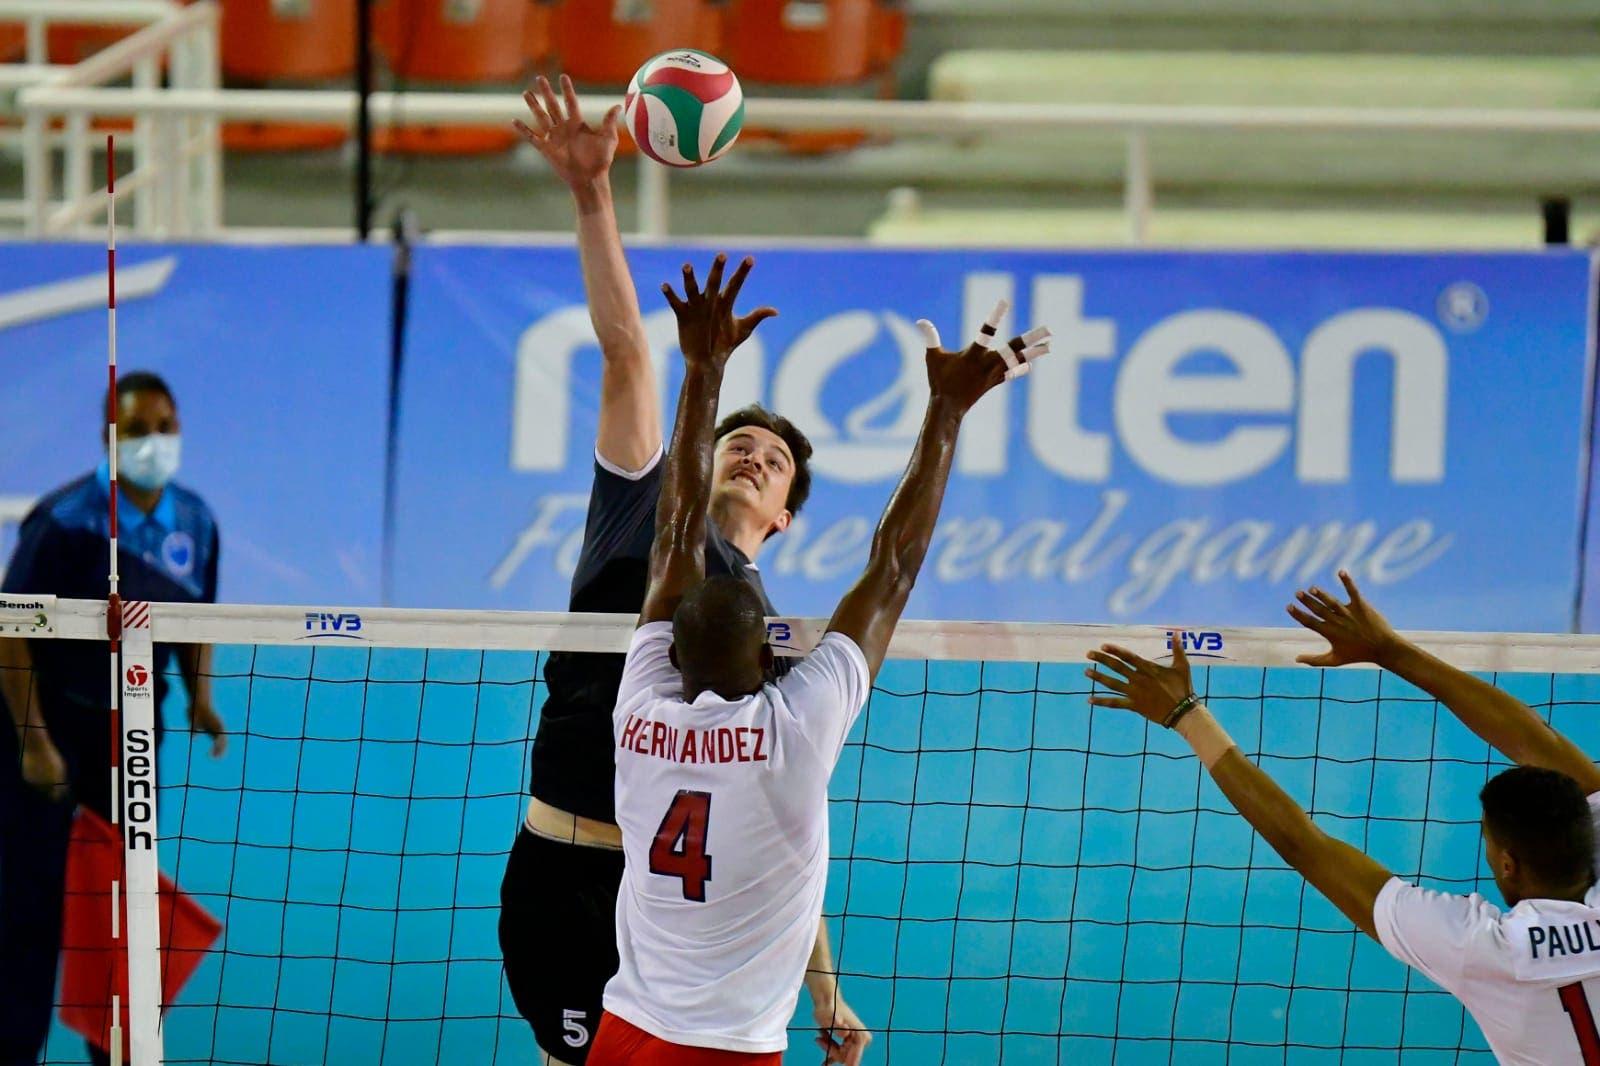 Canadá derrota a República Dominicana y mantiene invicto 4-0